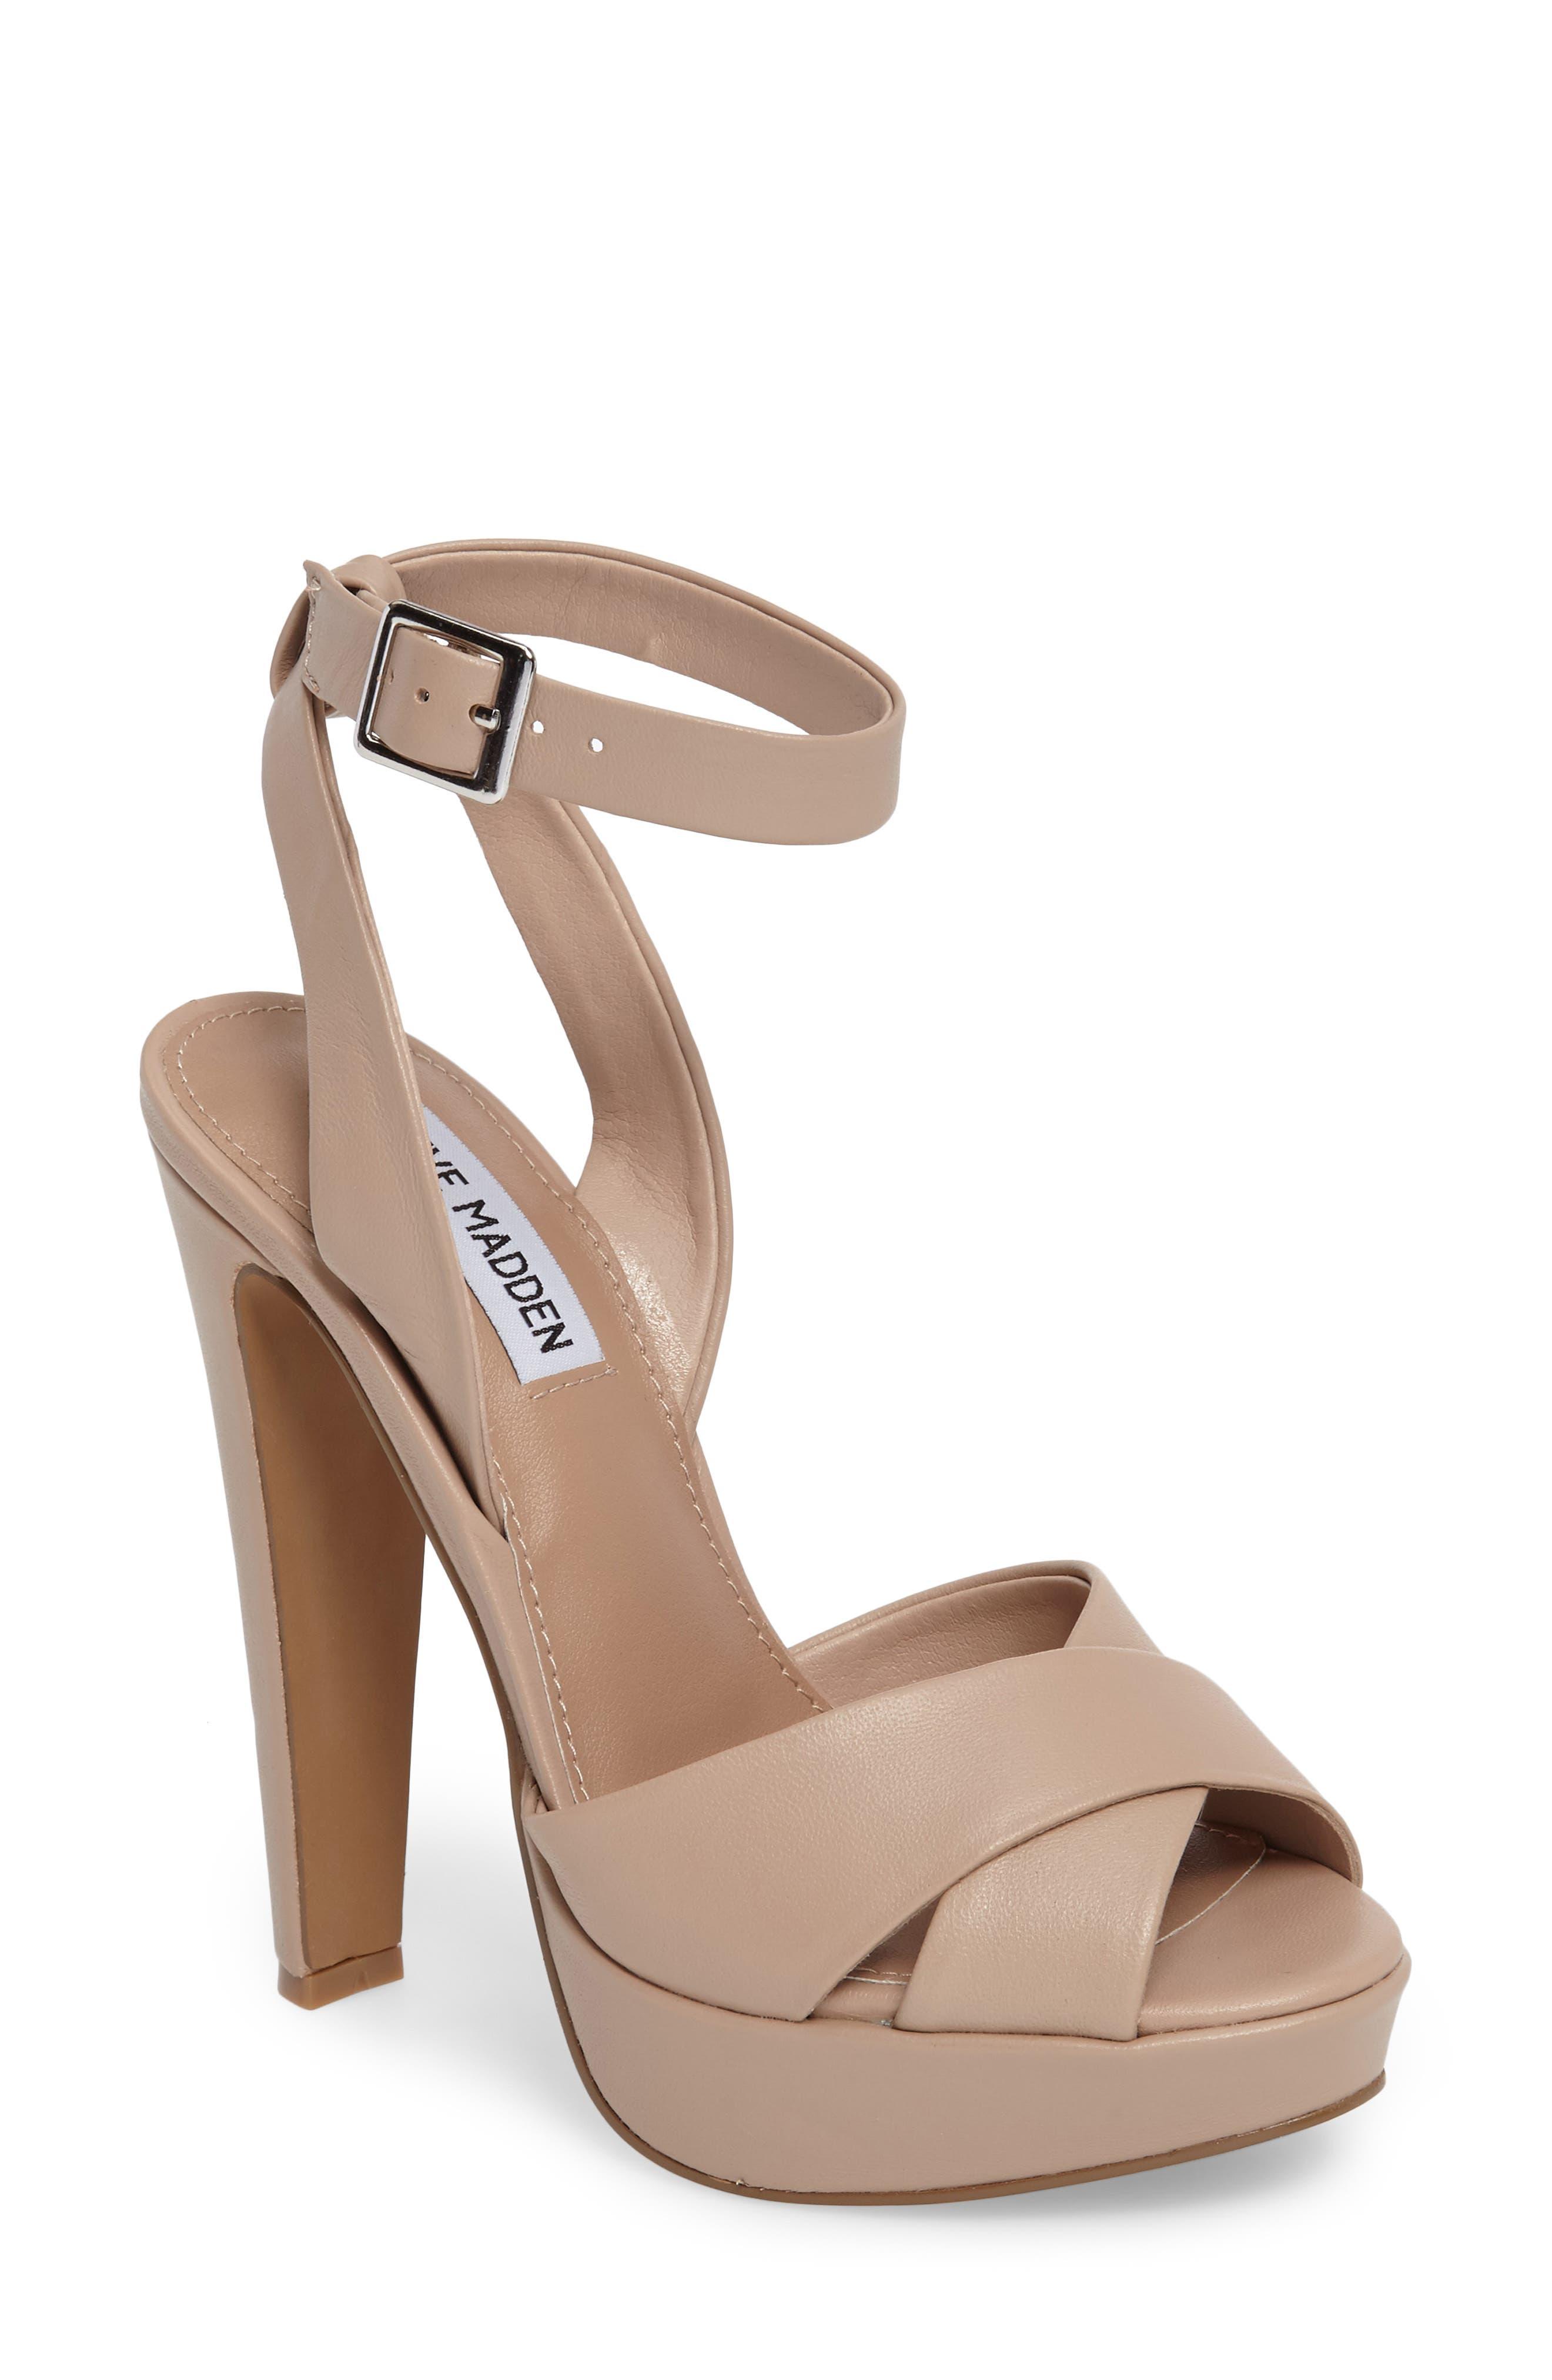 Alternate Image 1 Selected - Steve Madden Andrea Cross Strap Platform Sandal (Women)